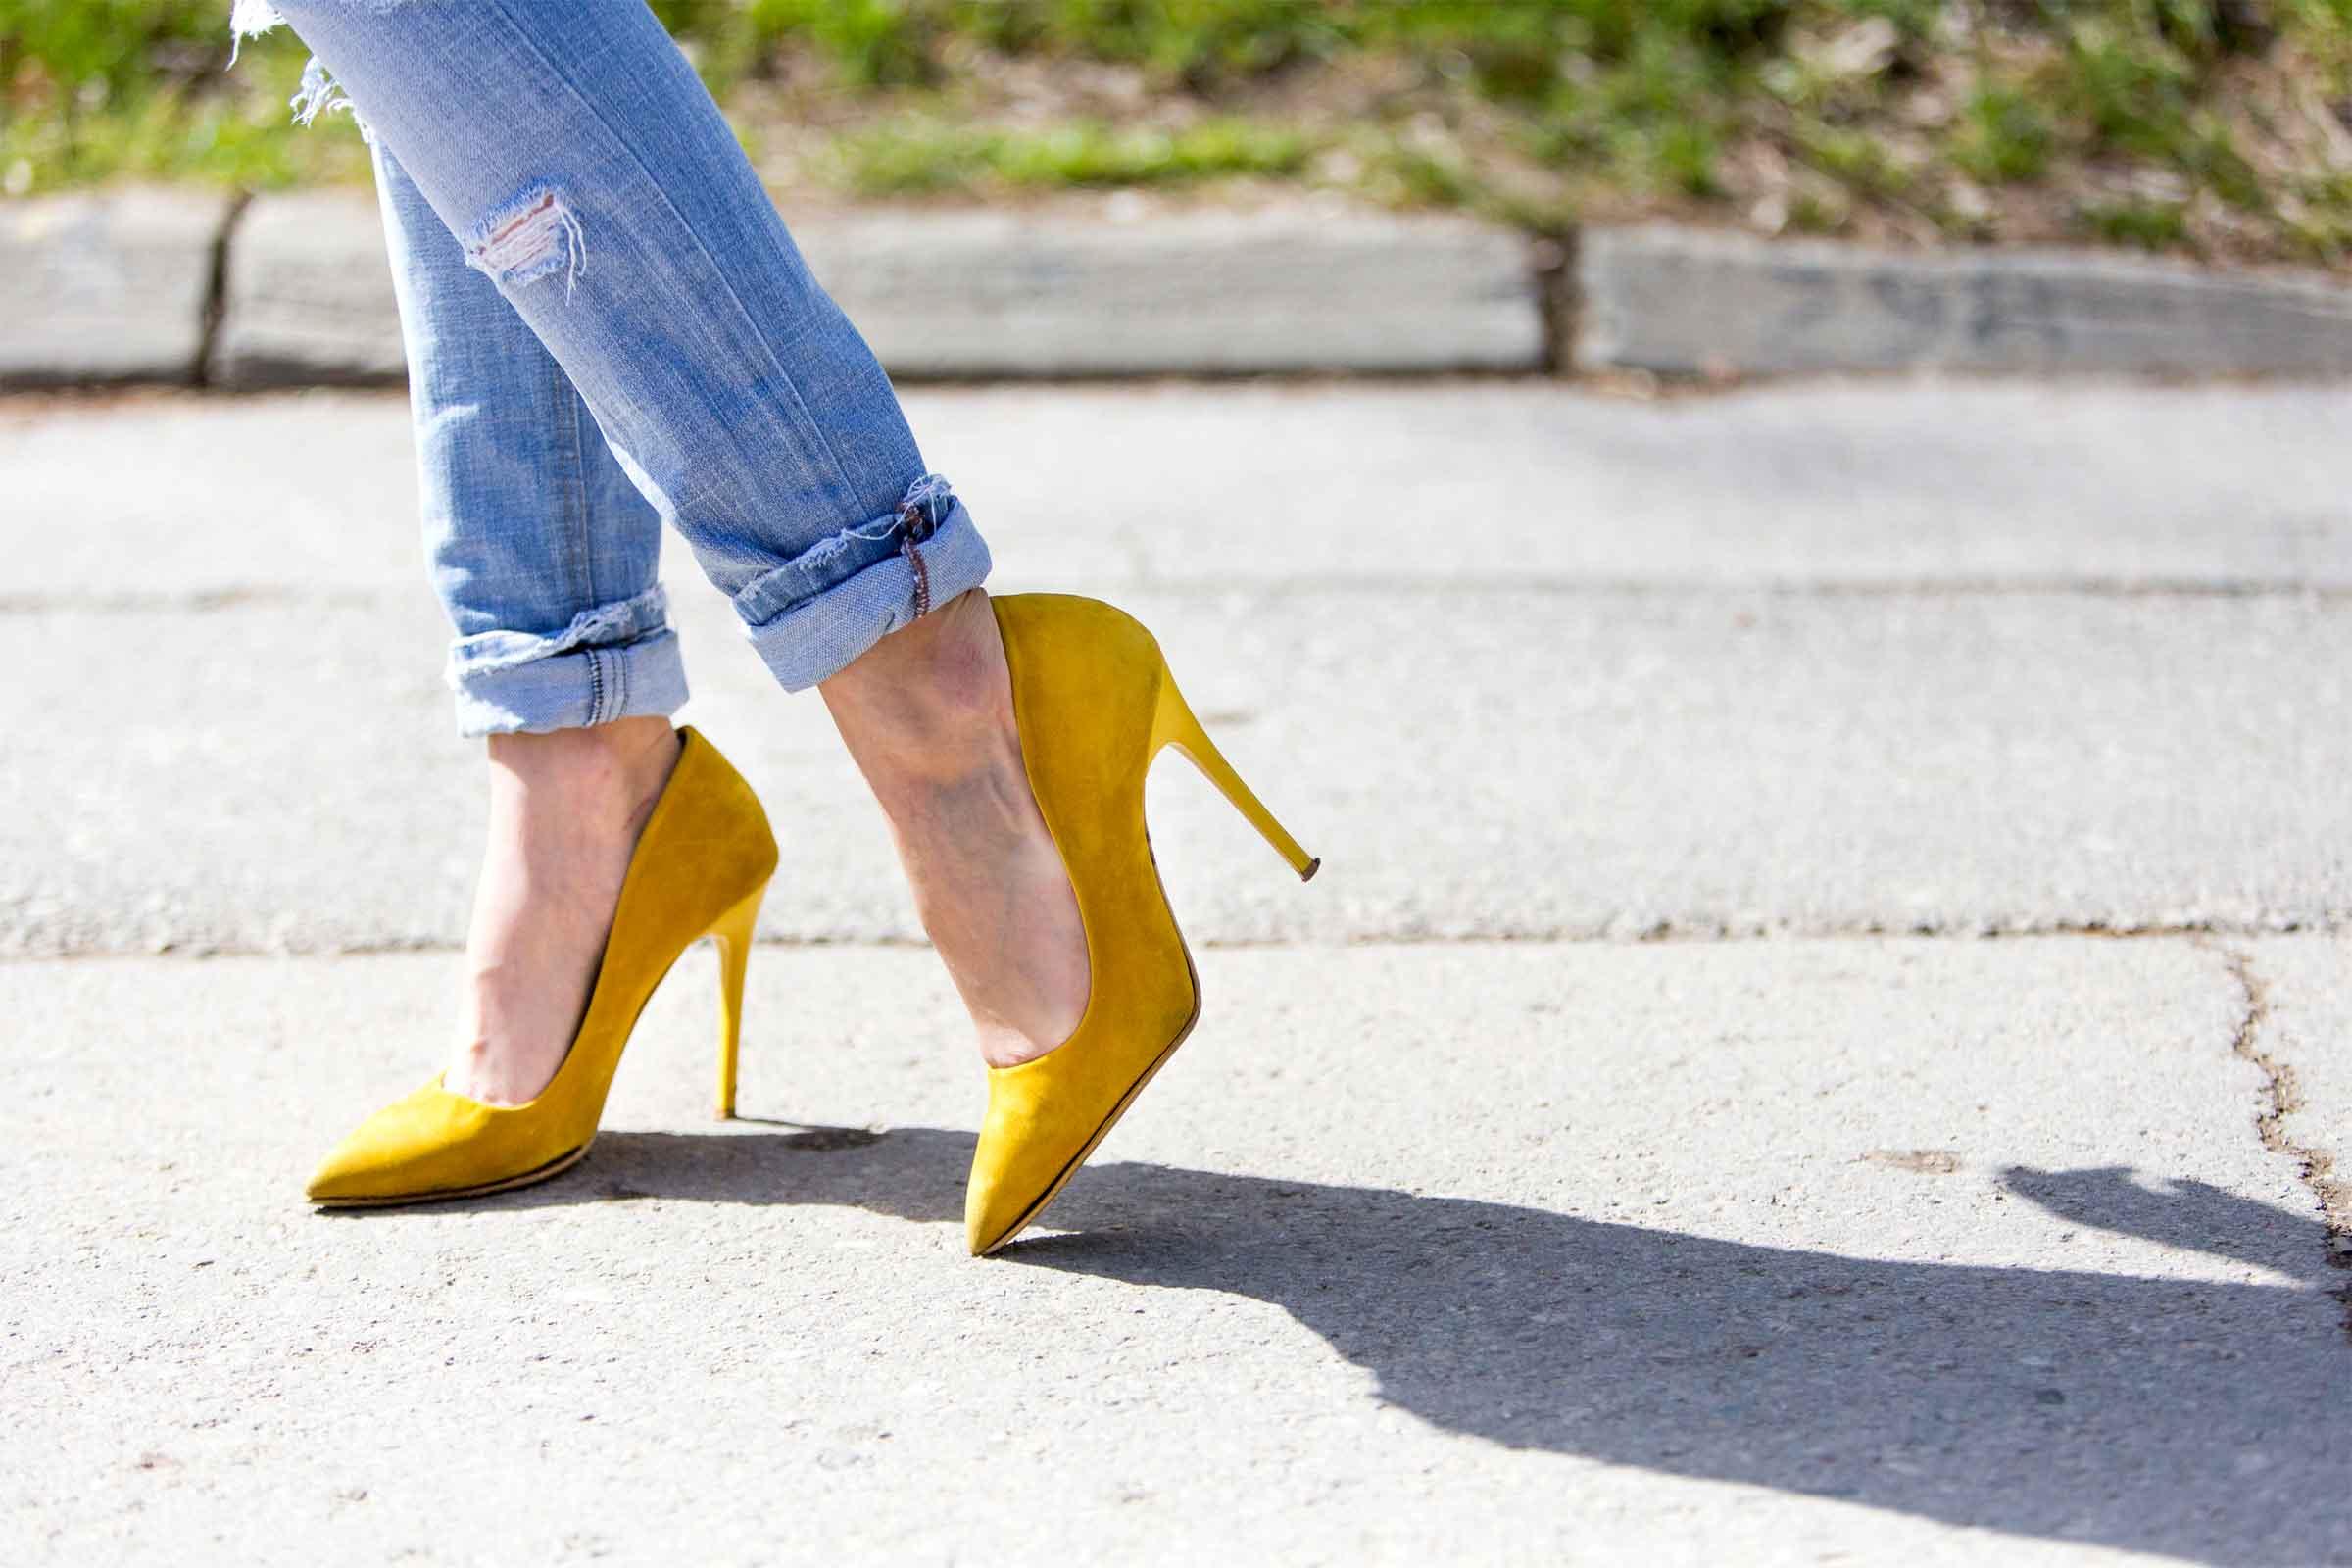 01-high-heels-opener